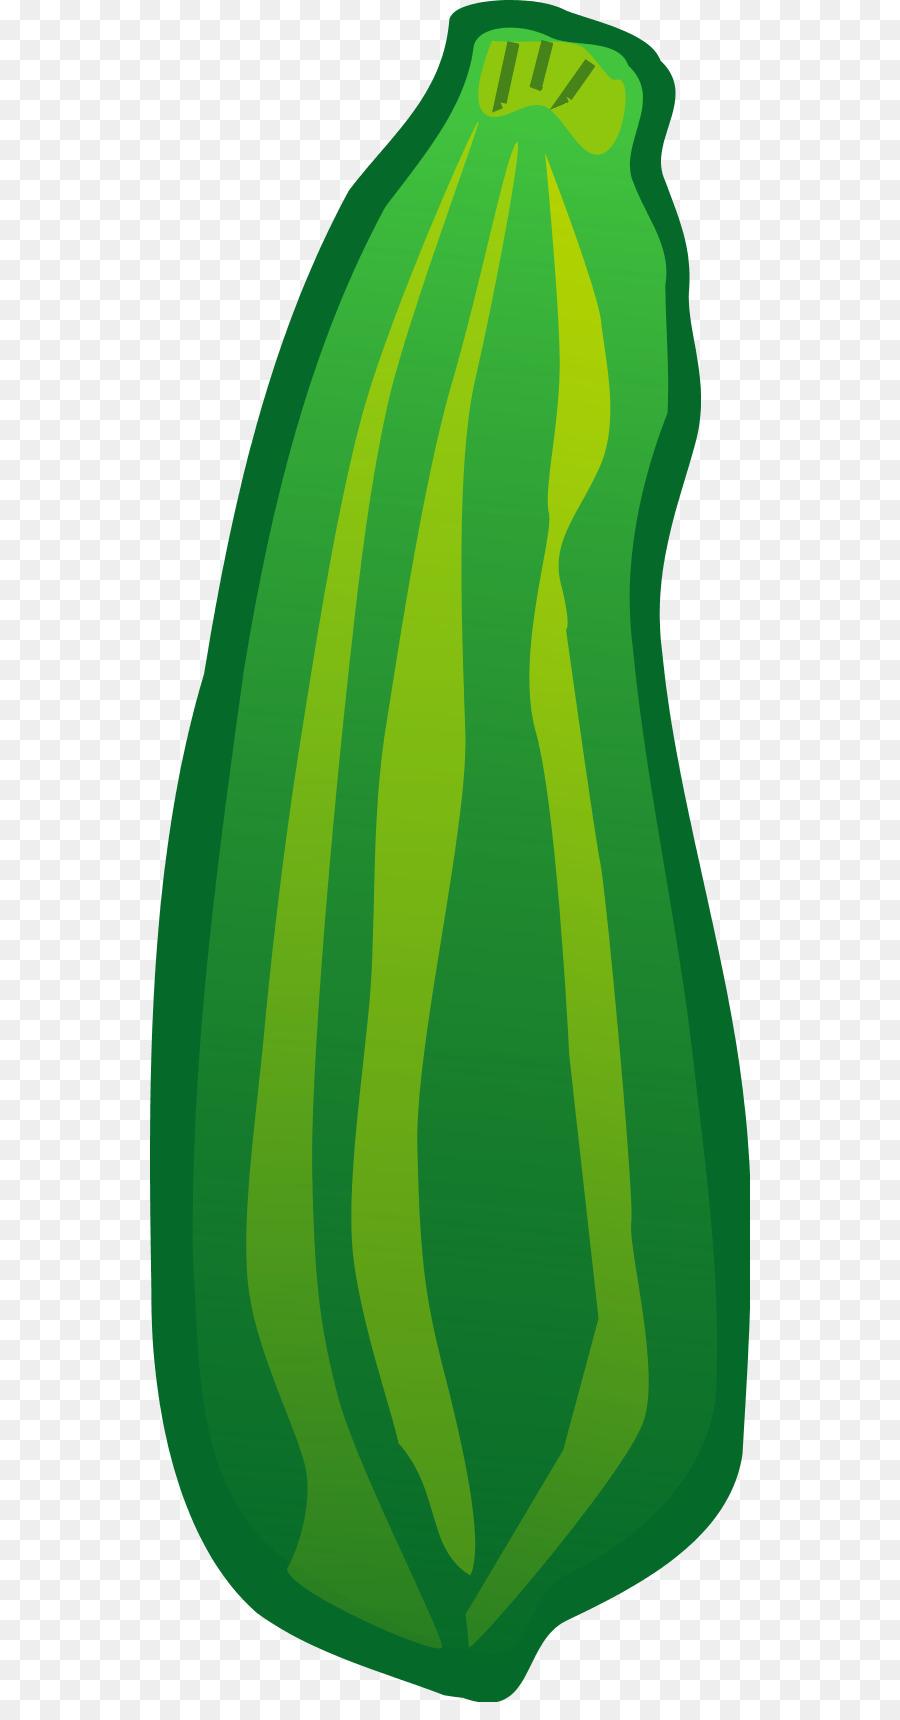 Zucchini clipart. Stuffed squash pickled cucumber